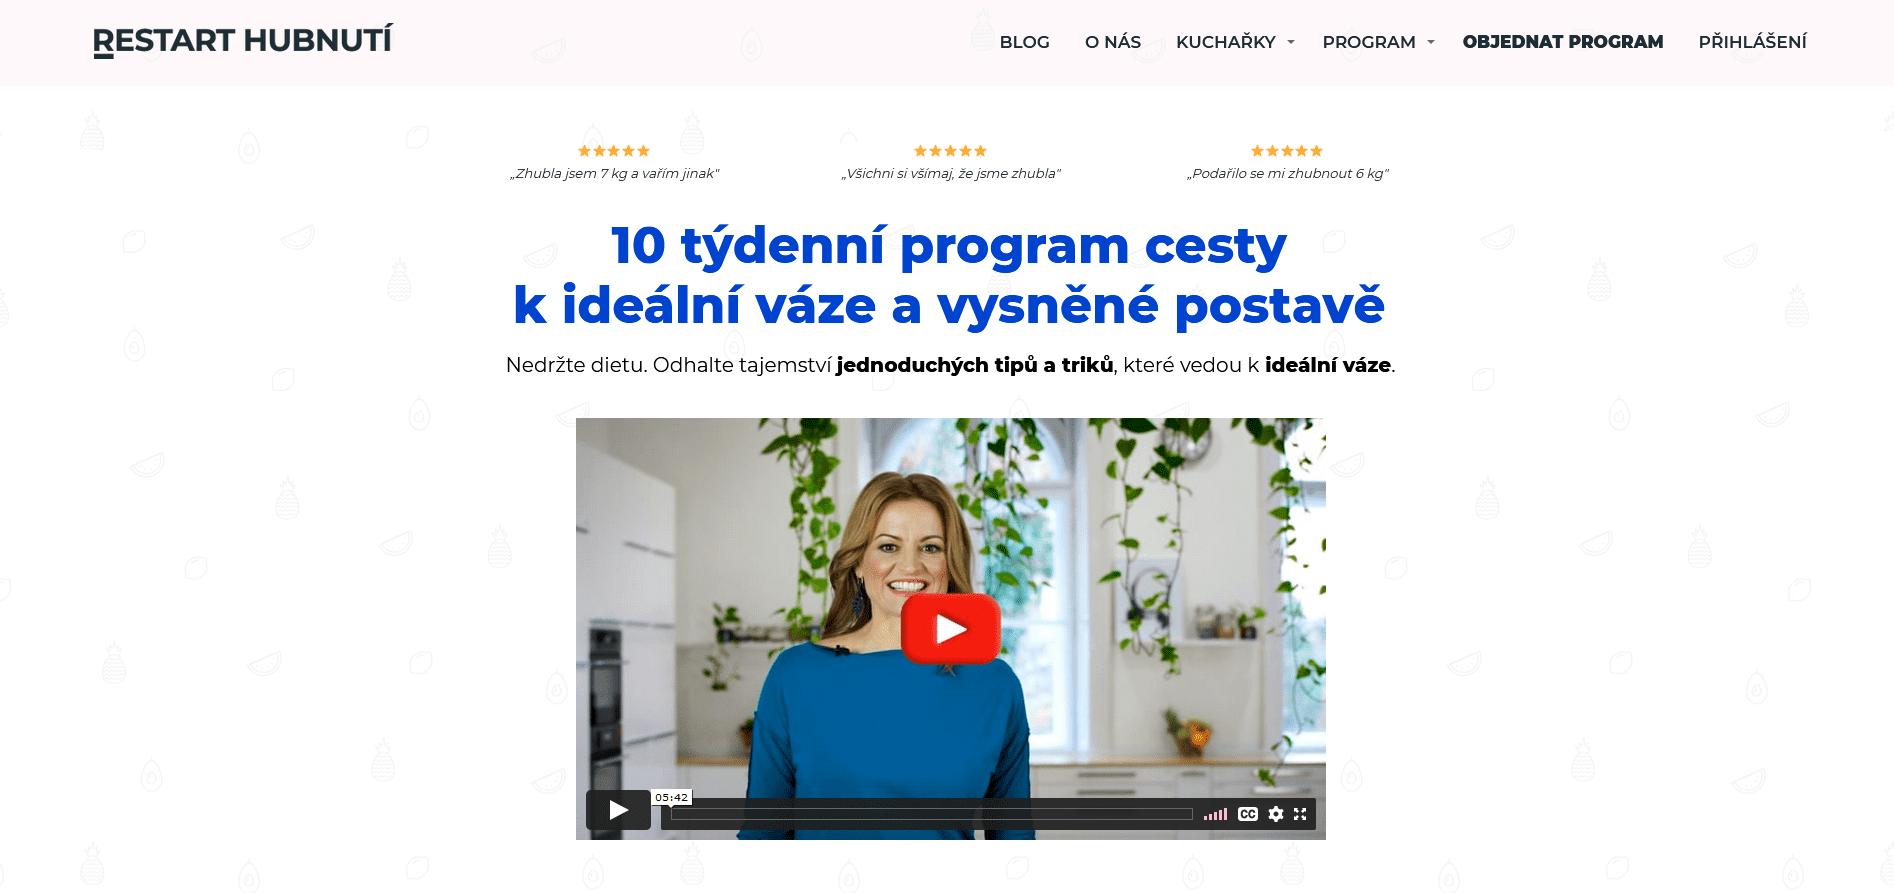 restarthubnuti.cz - náhled